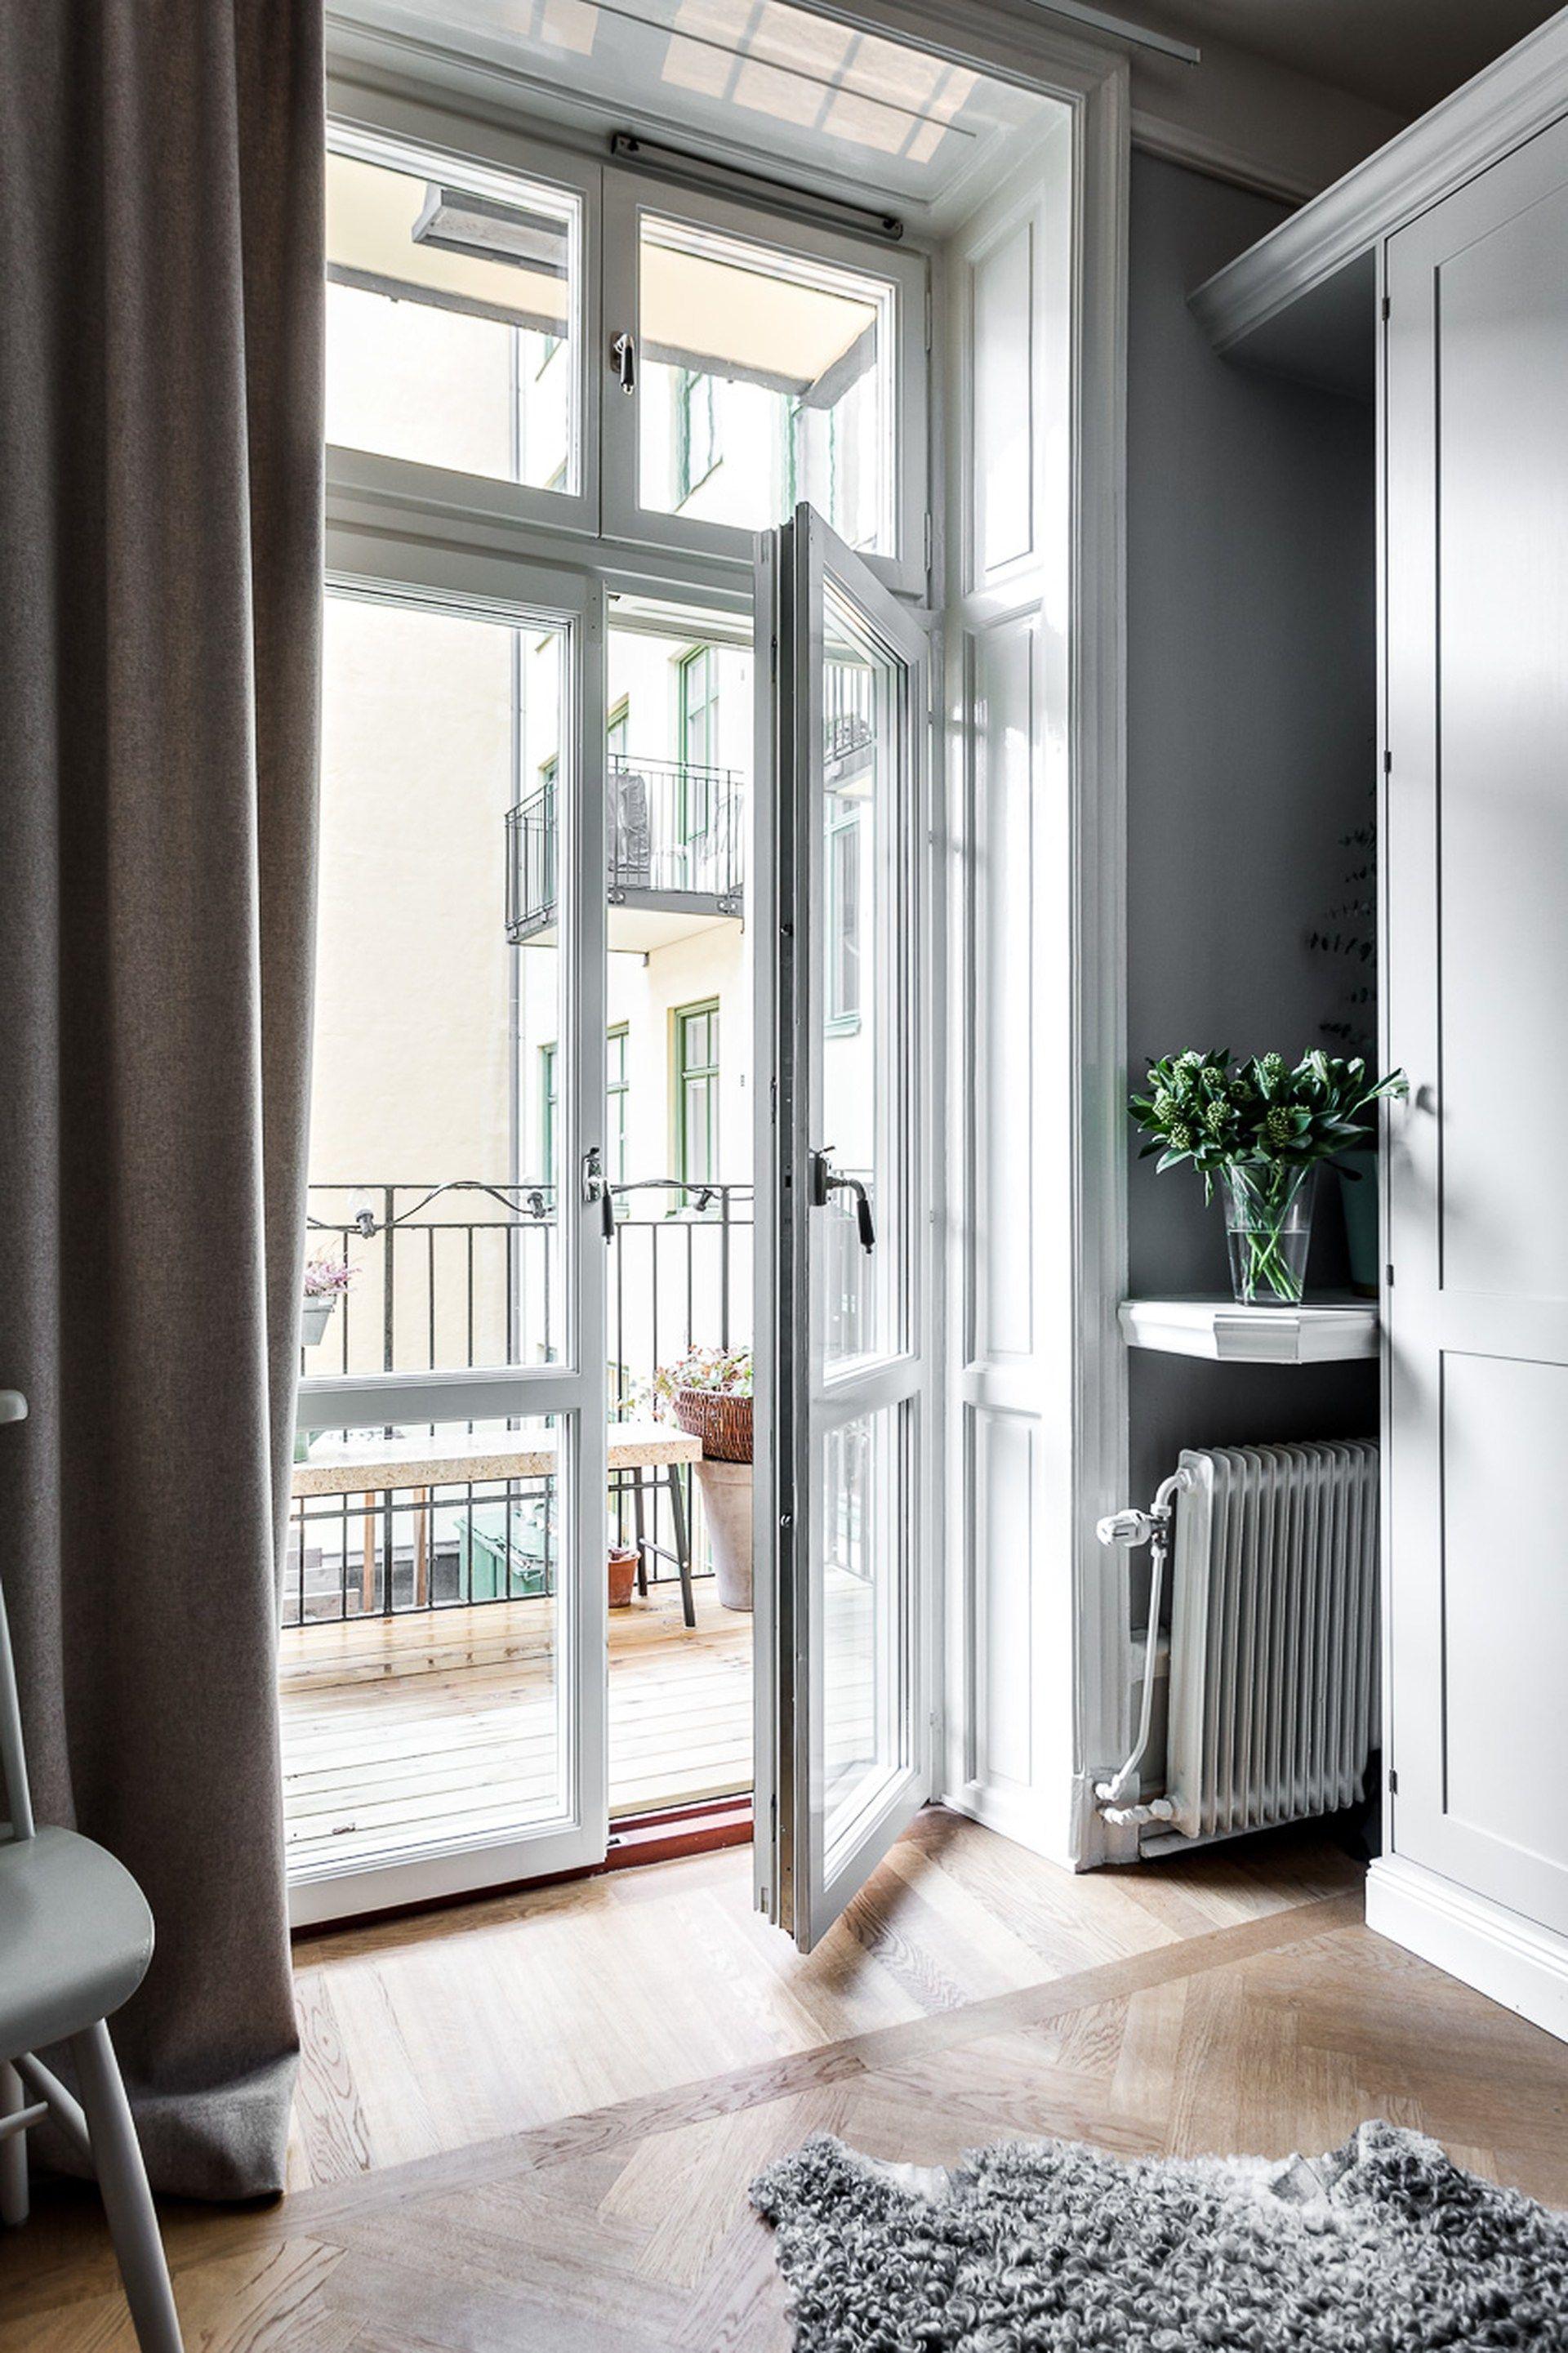 комплекса французские окна в квартире на балкон фото выполняются самостоятельно схемы